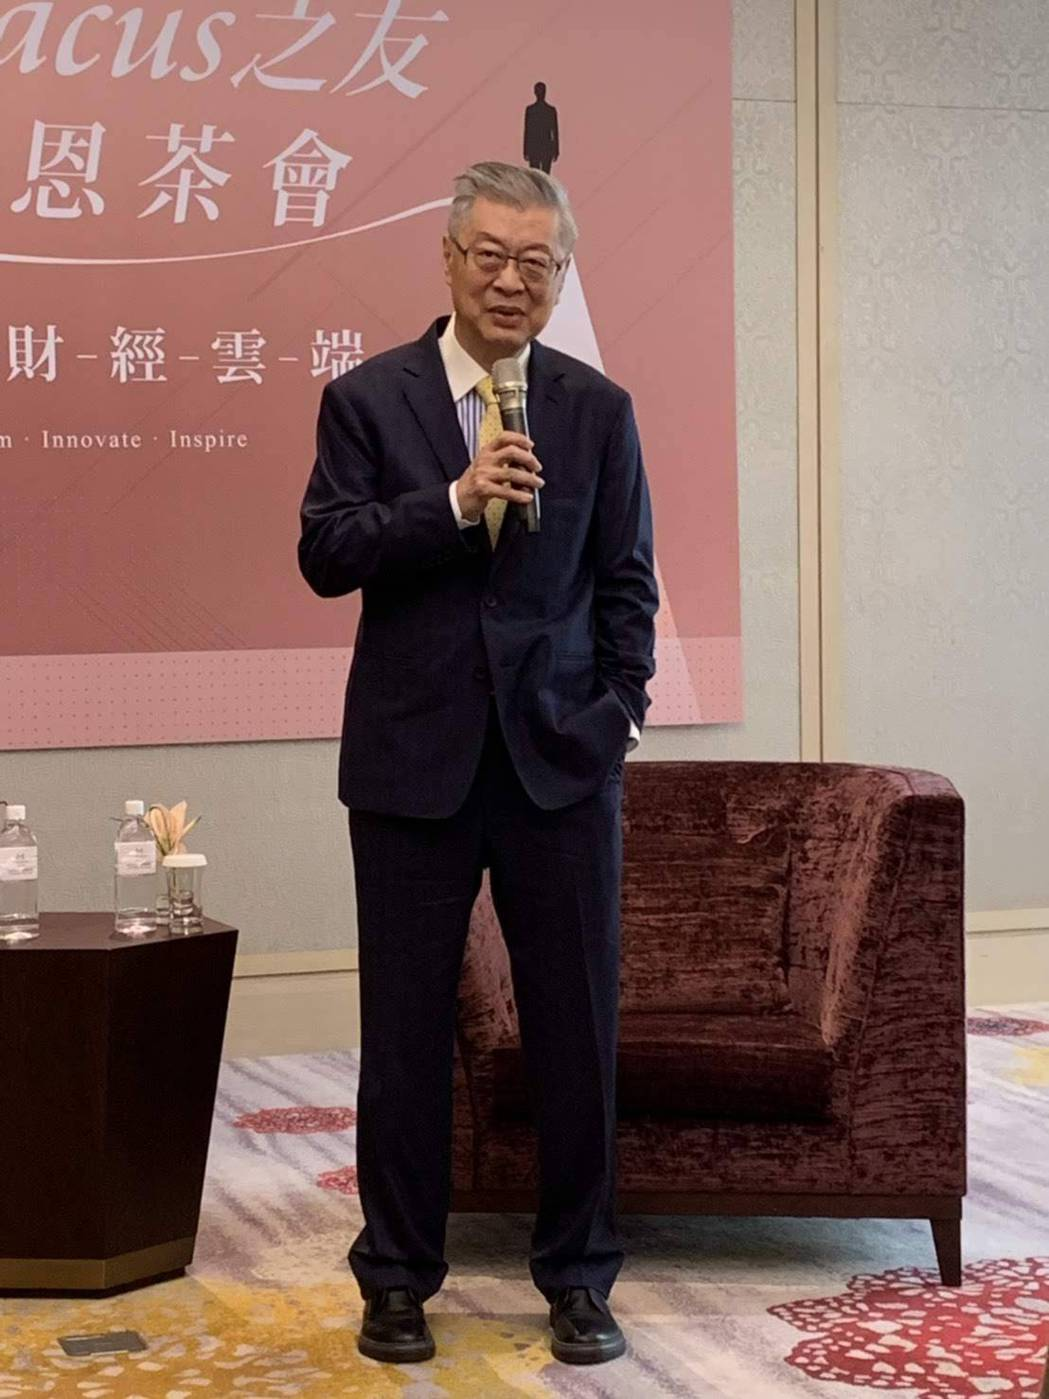 陳冲主持的新世代金融基金會認為,台灣若被列入美國匯率報告的匯率操控國或觀察名單,...